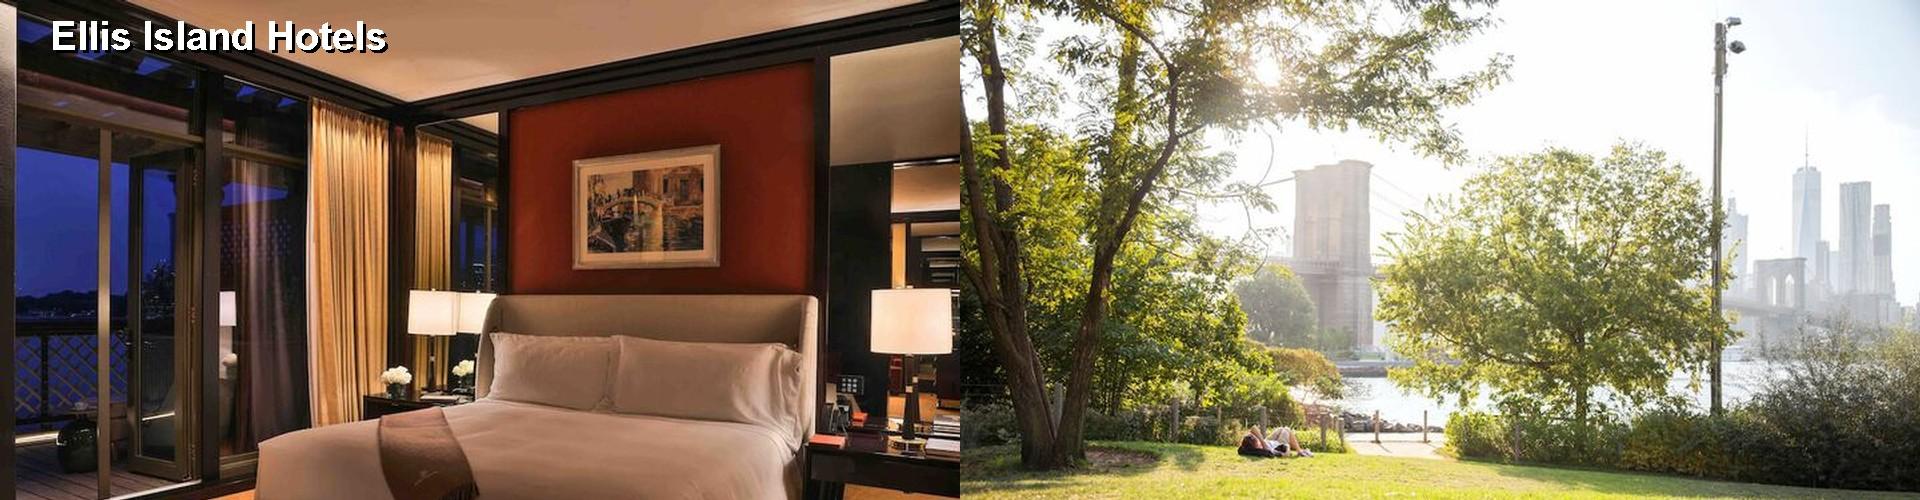 $74+ Hotels Near Ellis Island in Manhattan (NY)